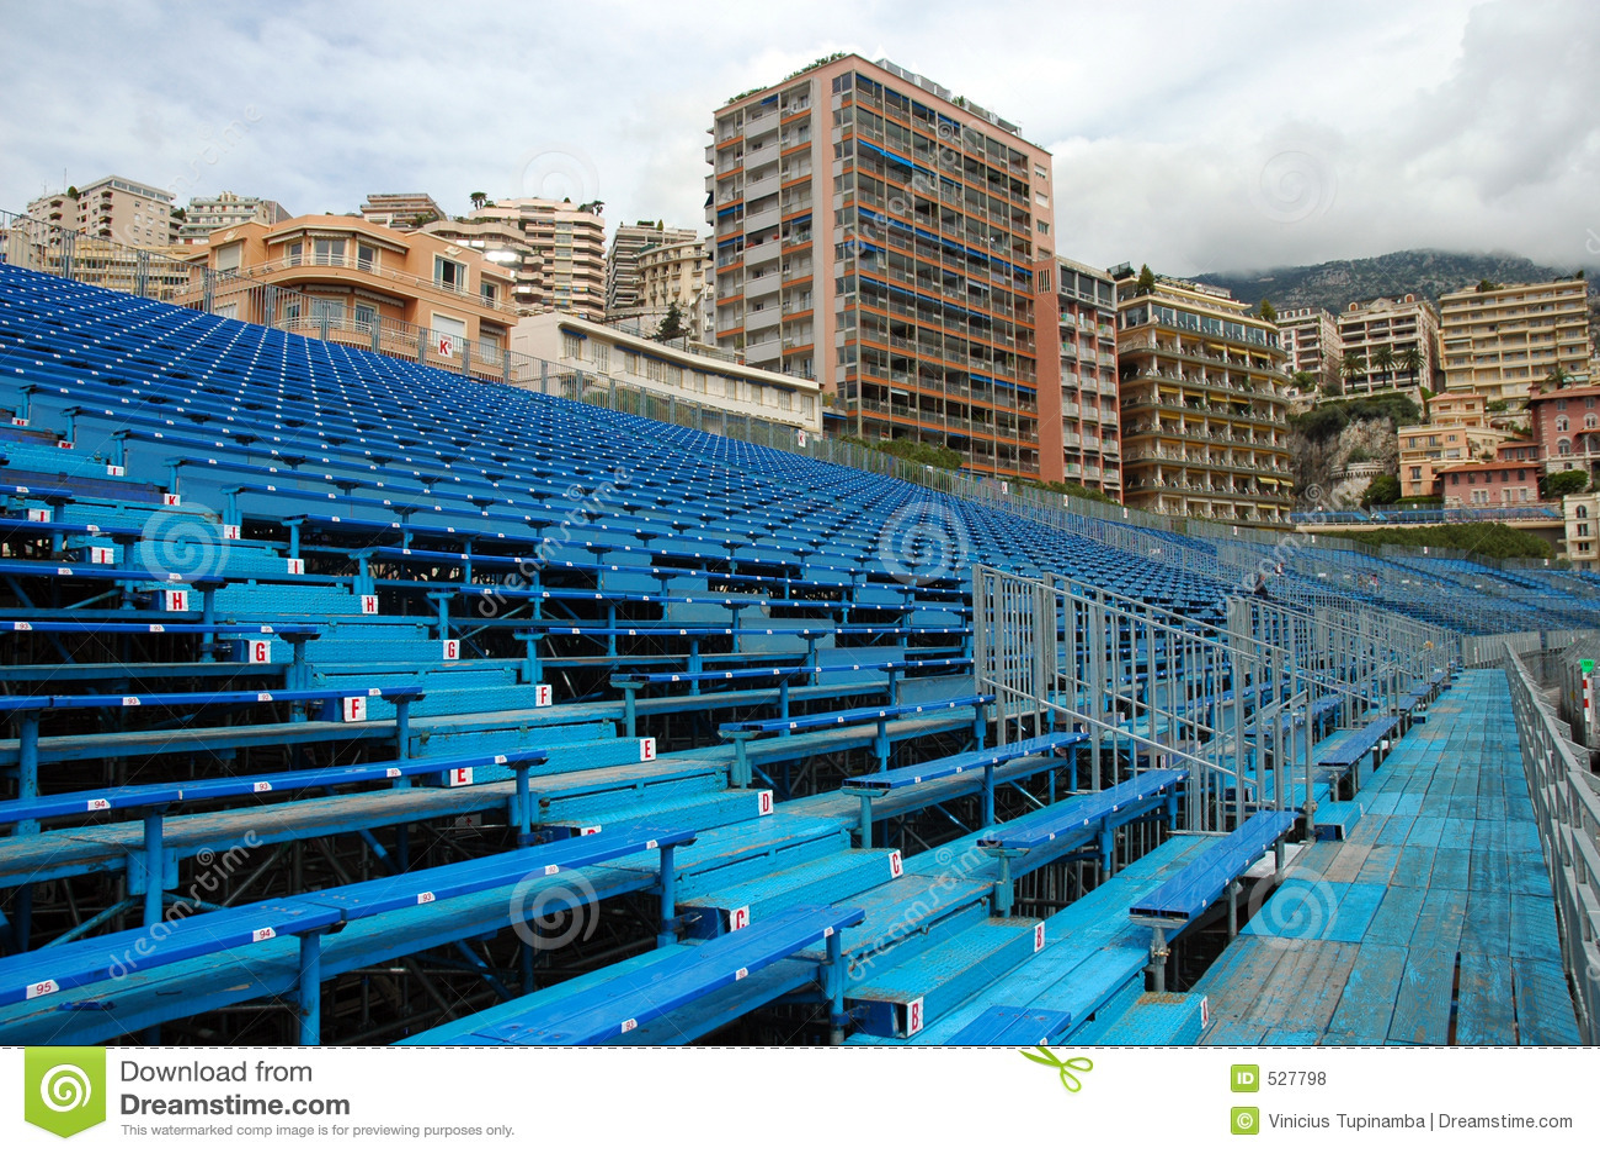 Download 漂白剂f1 库存照片. 图片 包括有 摩纳哥, 欧洲, 配方, 蓝色, 建筑, 种族, 观众席, 城市, 布哈拉 - 527798